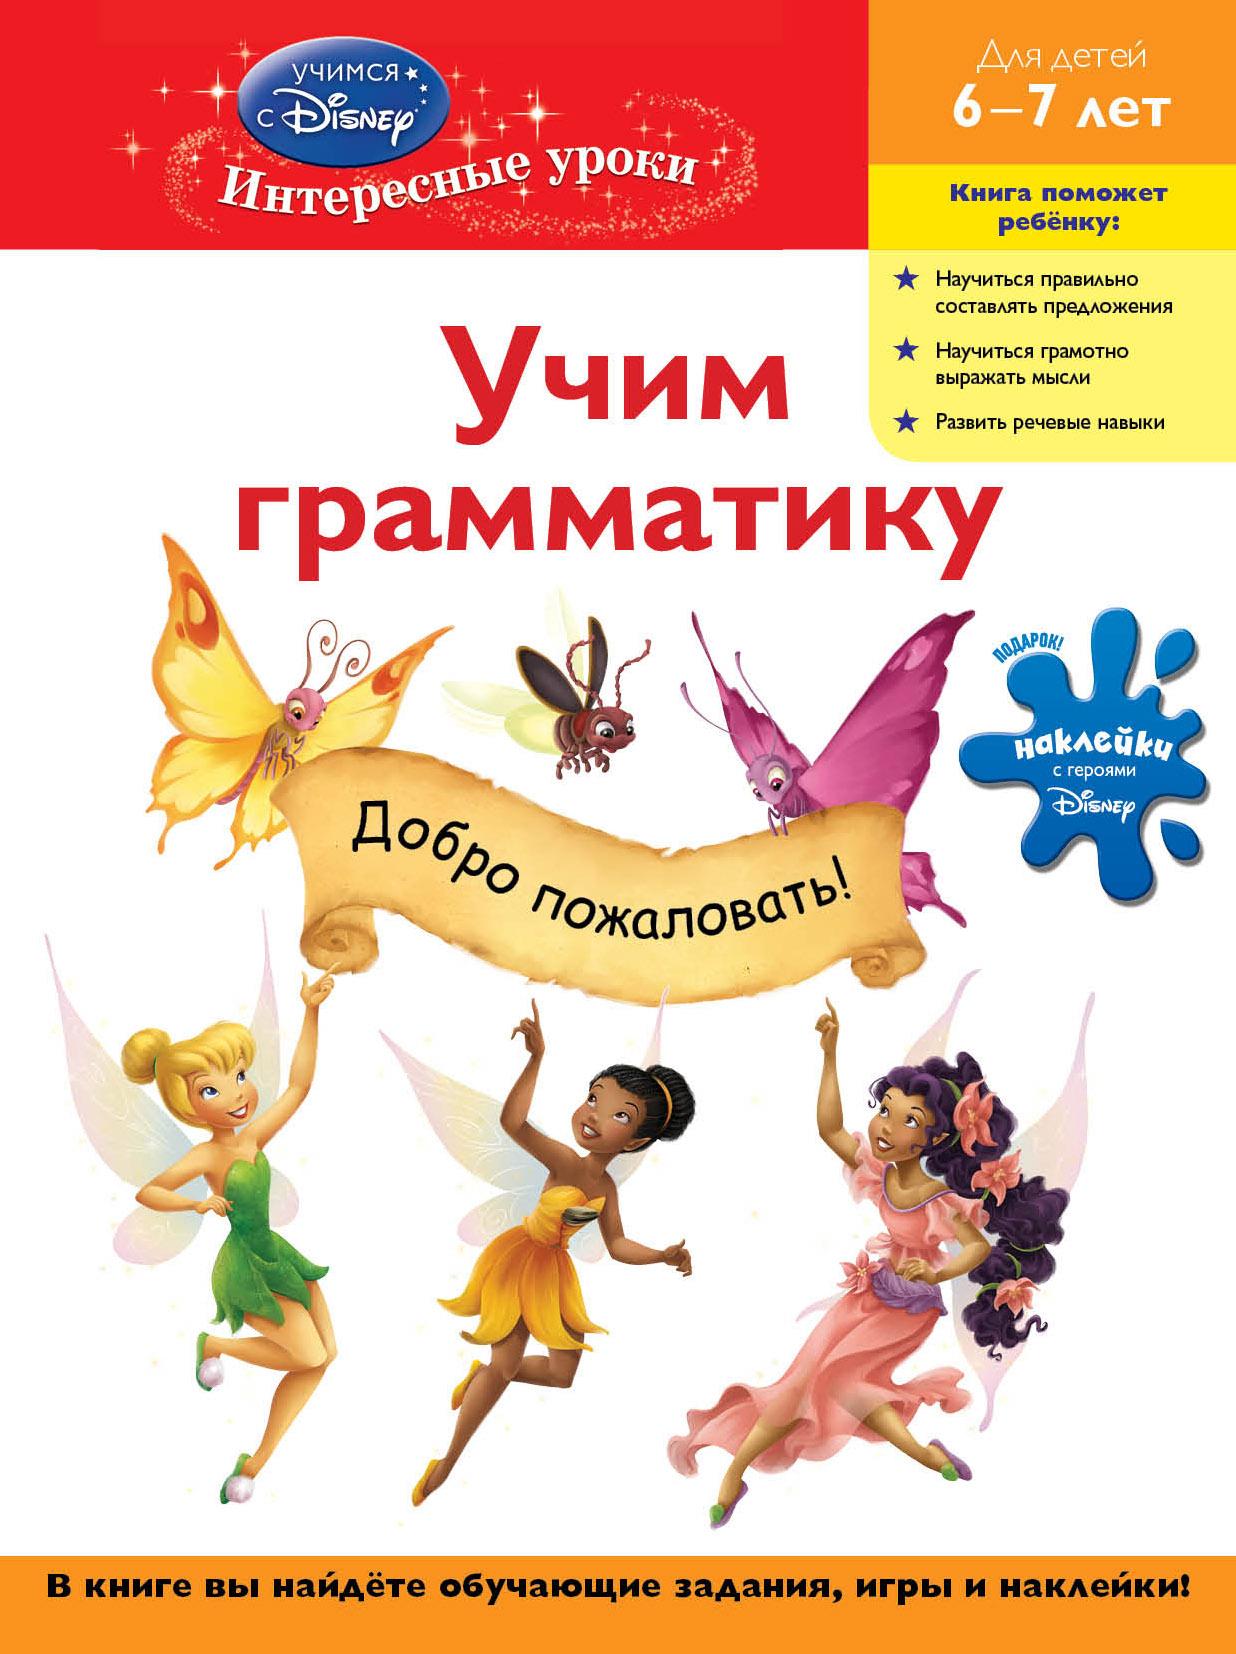 Учим грамматику: для детей 6-7 лет (Disney Fairies)